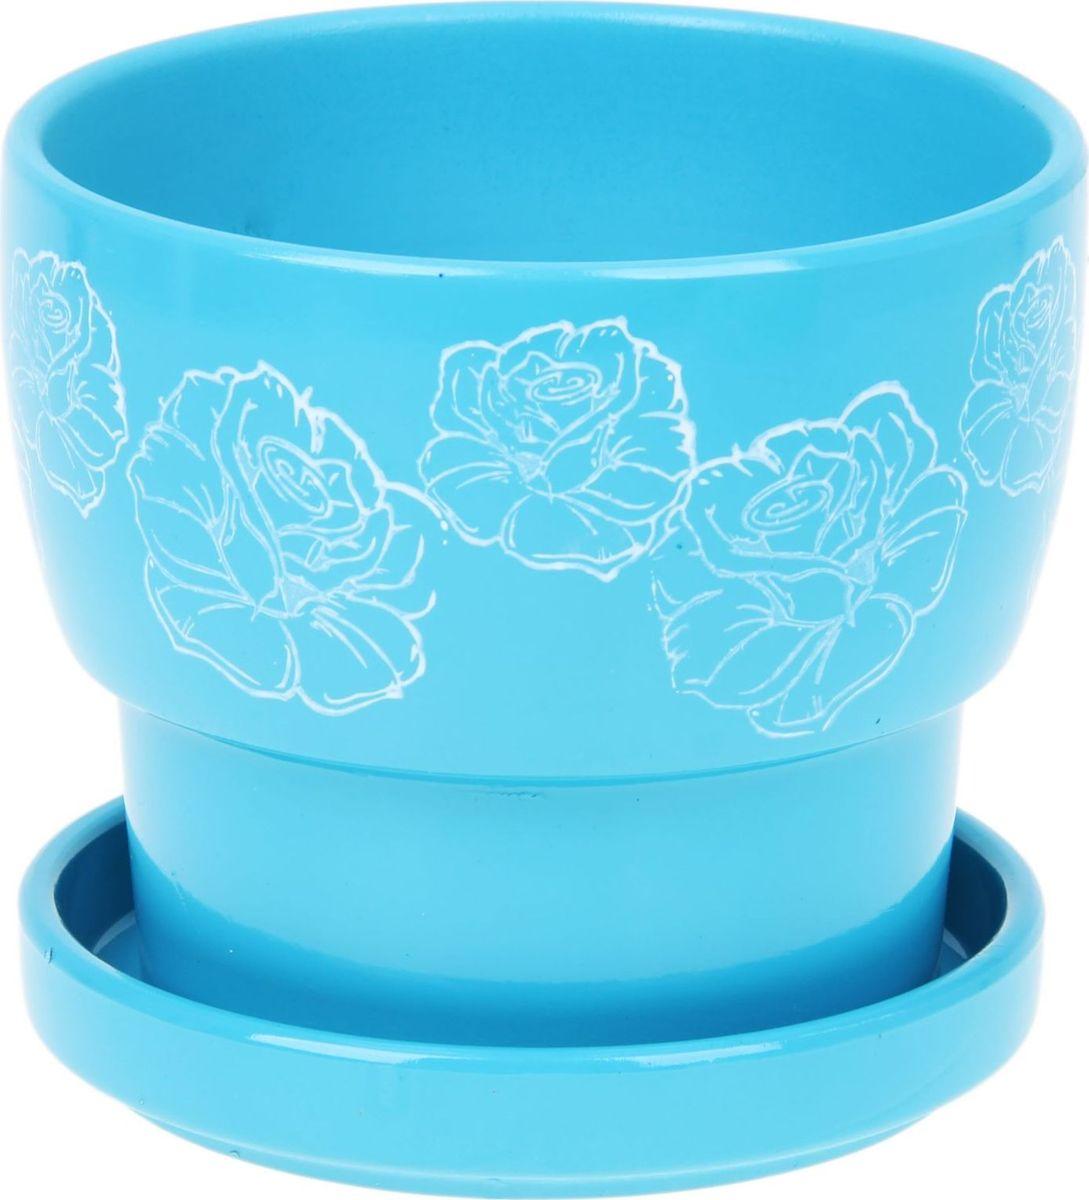 Кашпо Белые розы, цвет: голубой, 1,24 л1056035Комнатные растения — всеобщие любимцы. Они радуют глаз, насыщают помещение кислородом и украшают пространство. Каждому из них необходим свой удобный и красивый дом. Кашпо из керамики прекрасно подходят для высадки растений: за счёт пластичности глины и разных способов обработки существует великое множество форм и дизайновпористый материал позволяет испаряться лишней влагевоздух, необходимый для дыхания корней, проникает сквозь керамические стенки! #name# позаботится о зелёном питомце, освежит интерьер и подчеркнёт его стиль.